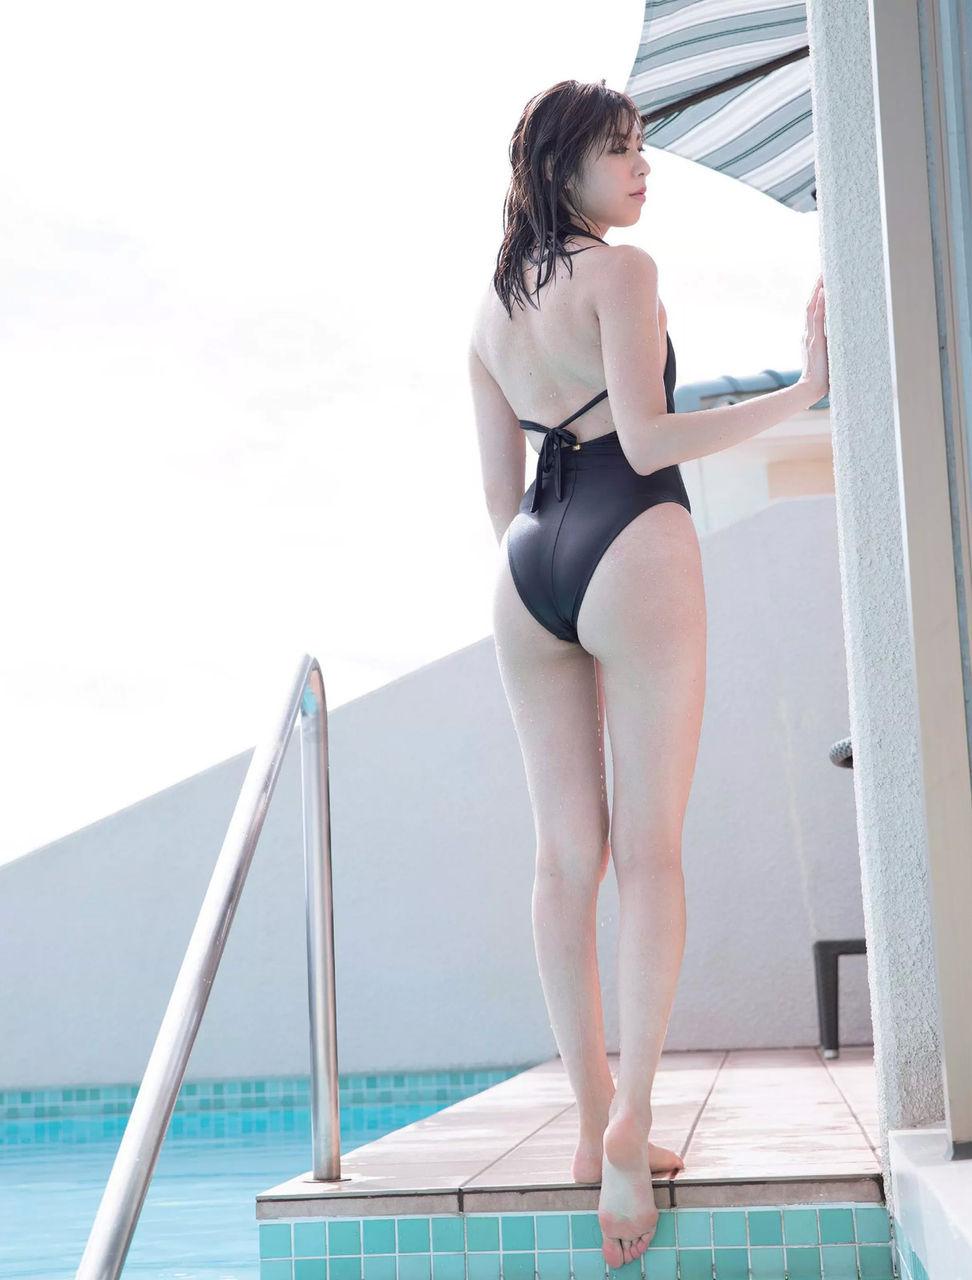 池田ゆり (24)ミスFLASH2017のスリム美女のセクシーな脚や美ヒップがクッソエろい!!!!《エロ画像》